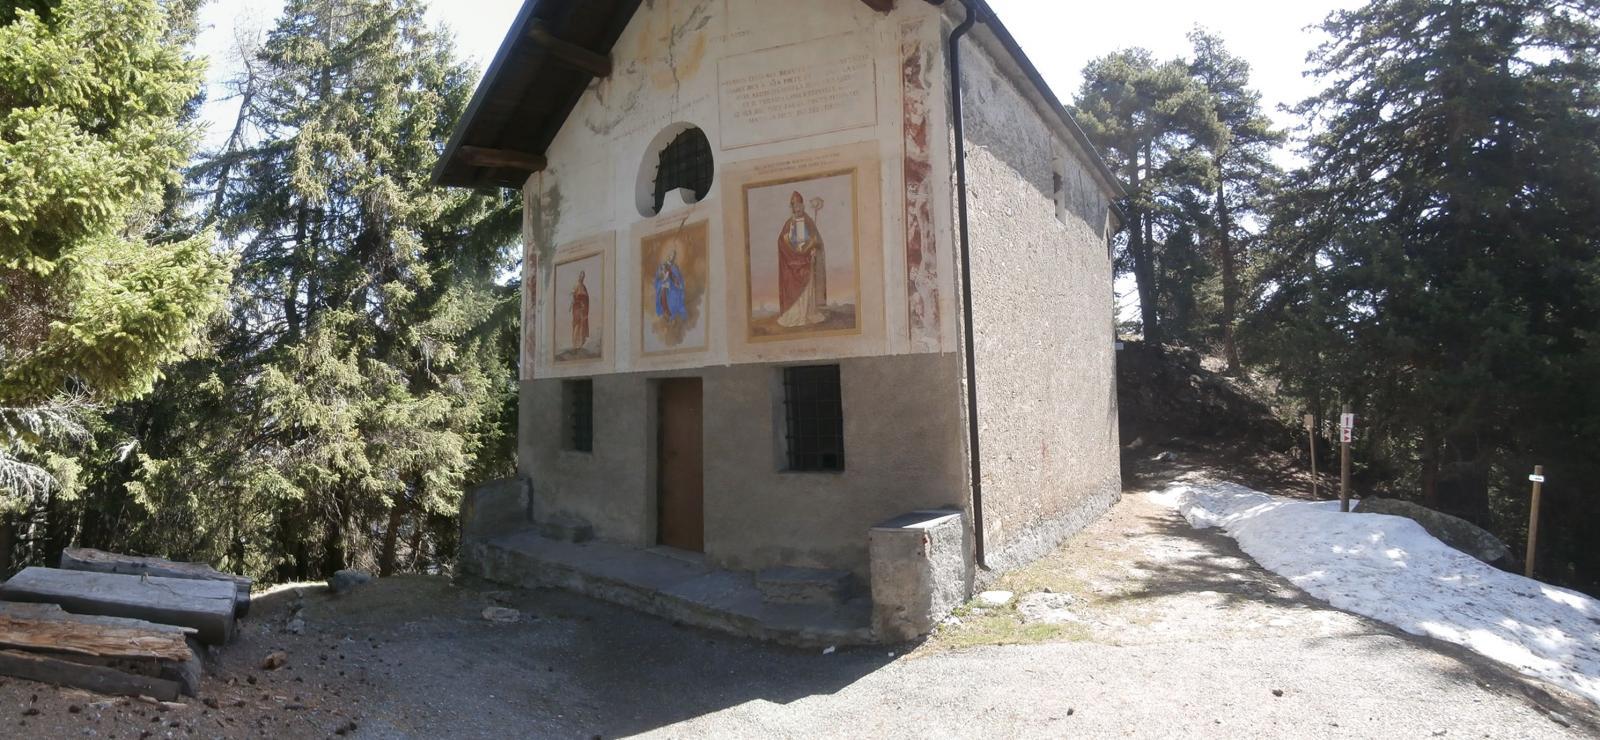 raggiunta la bella chiesetta di St. Pantaleone...